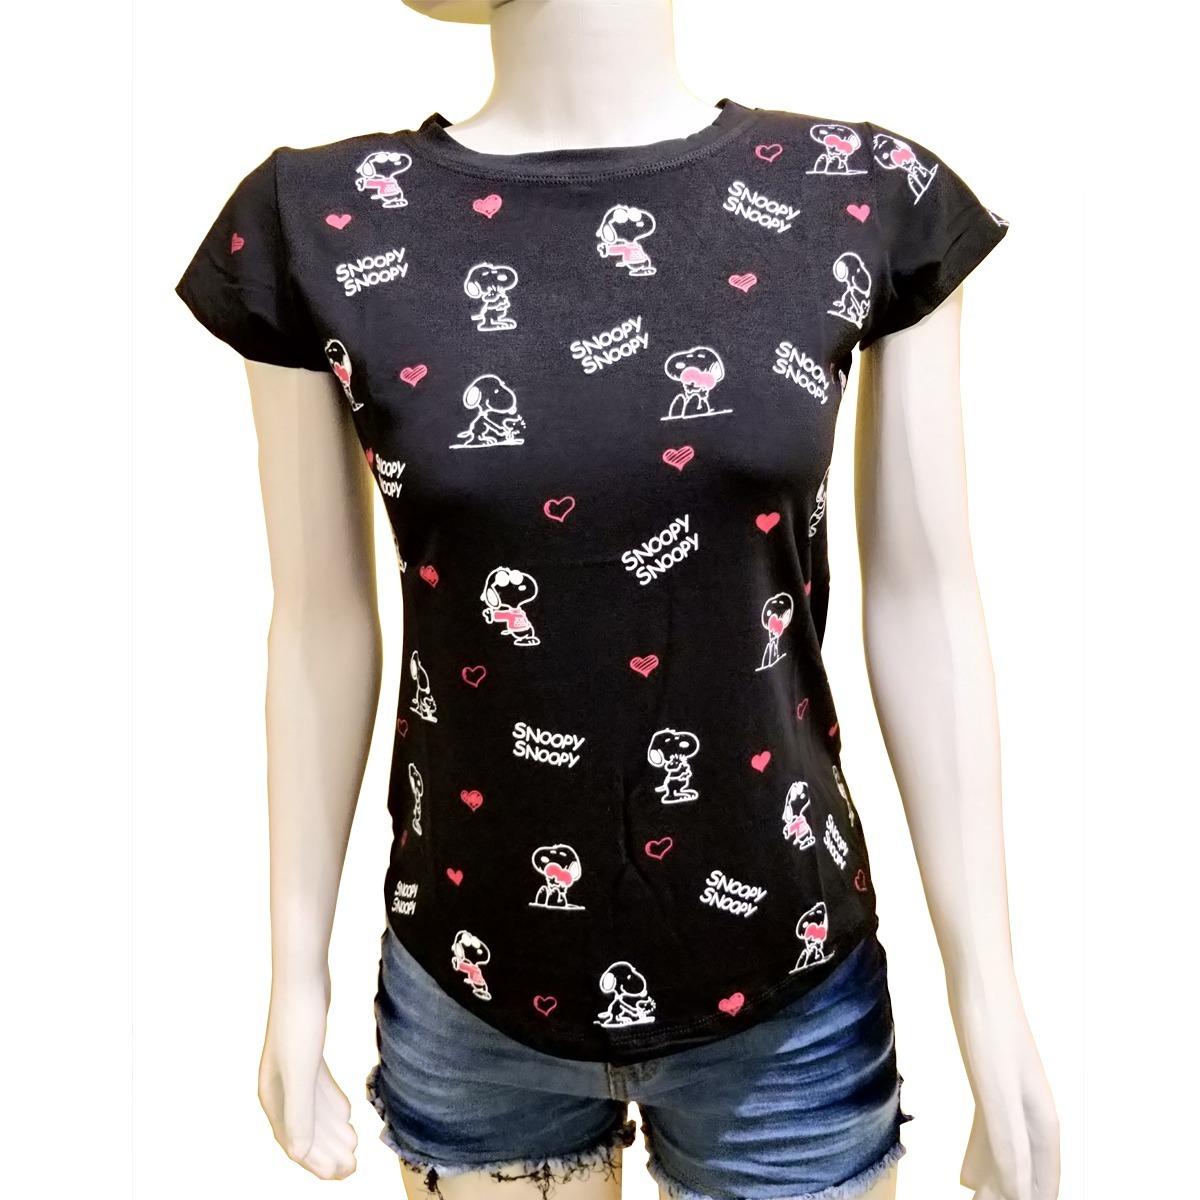 eb8ac0b84 camisetas feminina viscose moda evangéica blusa rosa sno01. Carregando zoom.